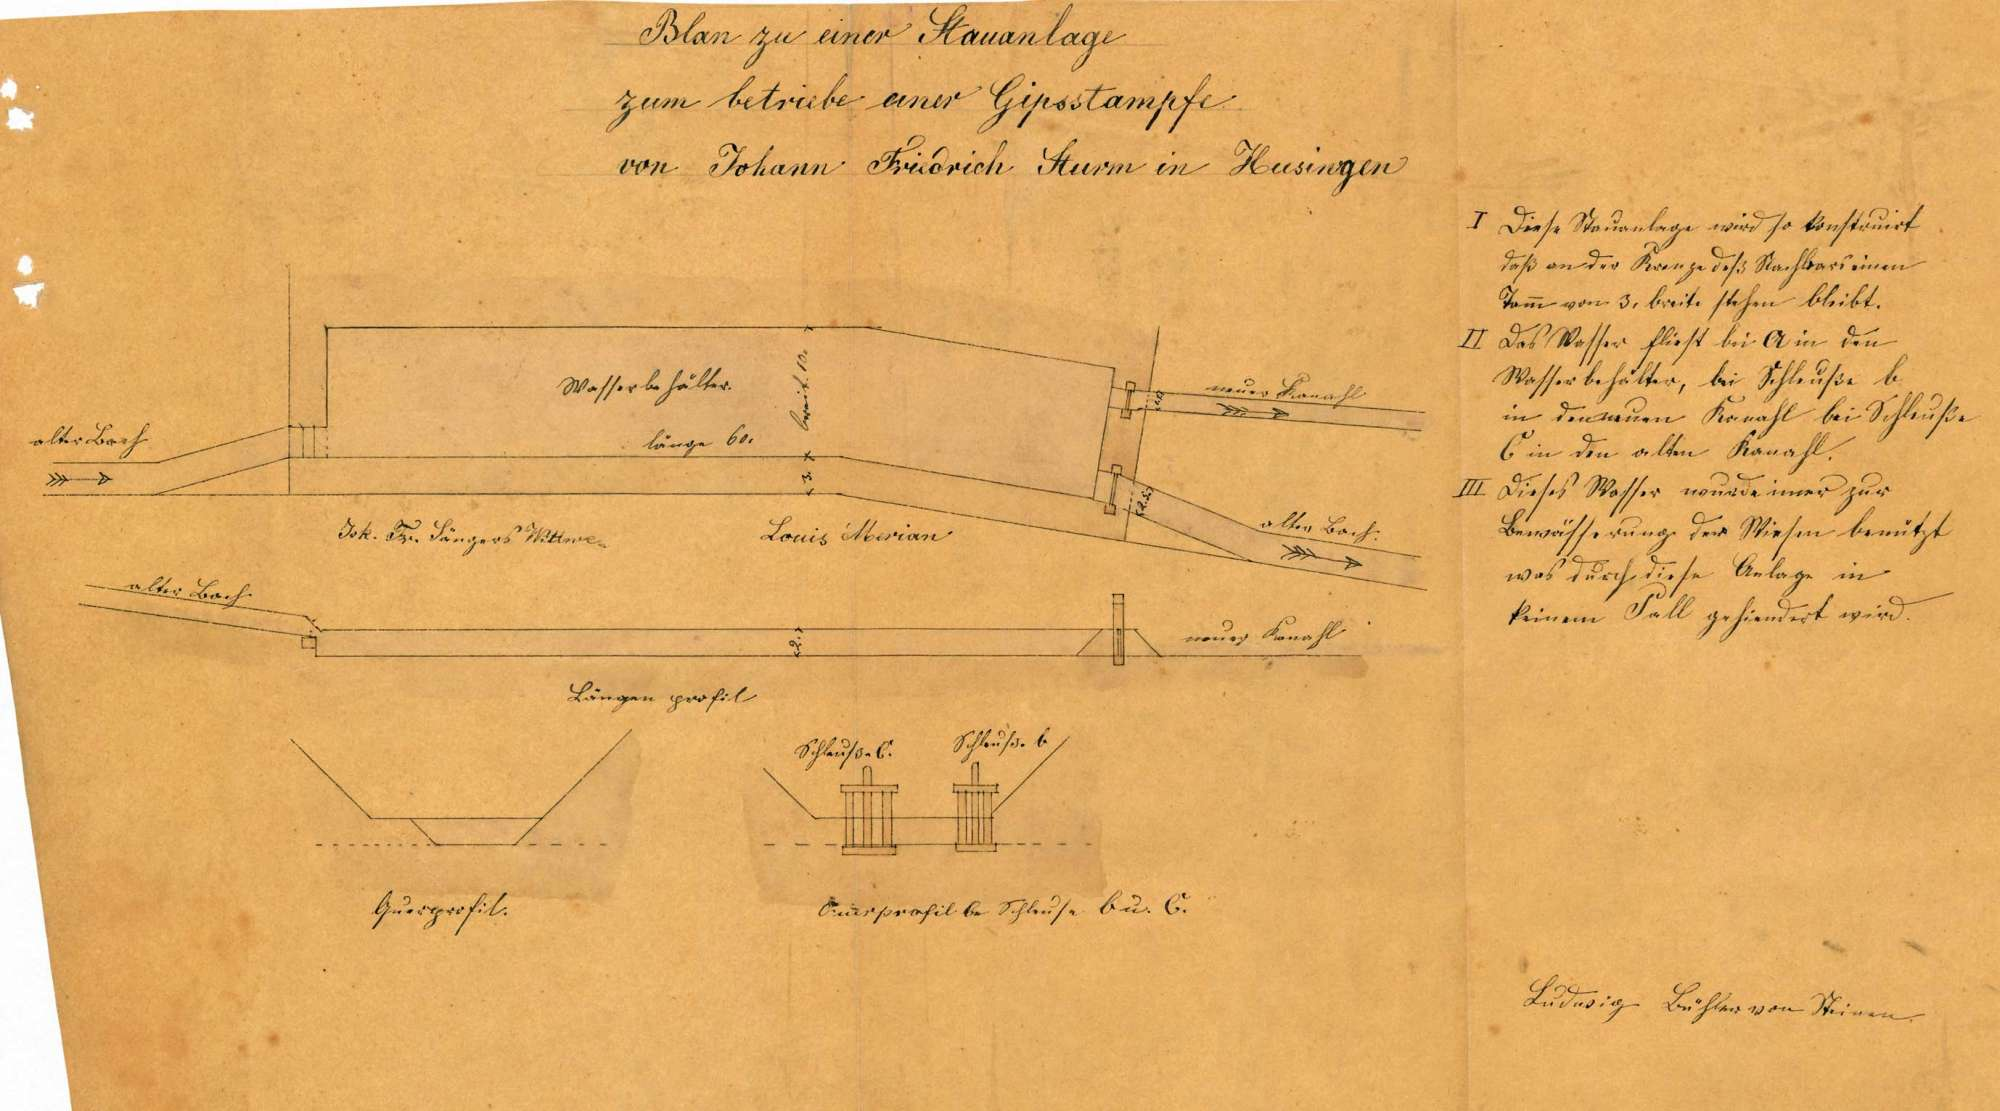 Gesuch des Johann Friedrich Sturm von Hüsingen um Genehmigung zur Errichtung eines Gipsofens, einer Gipsstampfe sowie einer Kanalanlage zum Betrieb der Stampfe, Bild 1